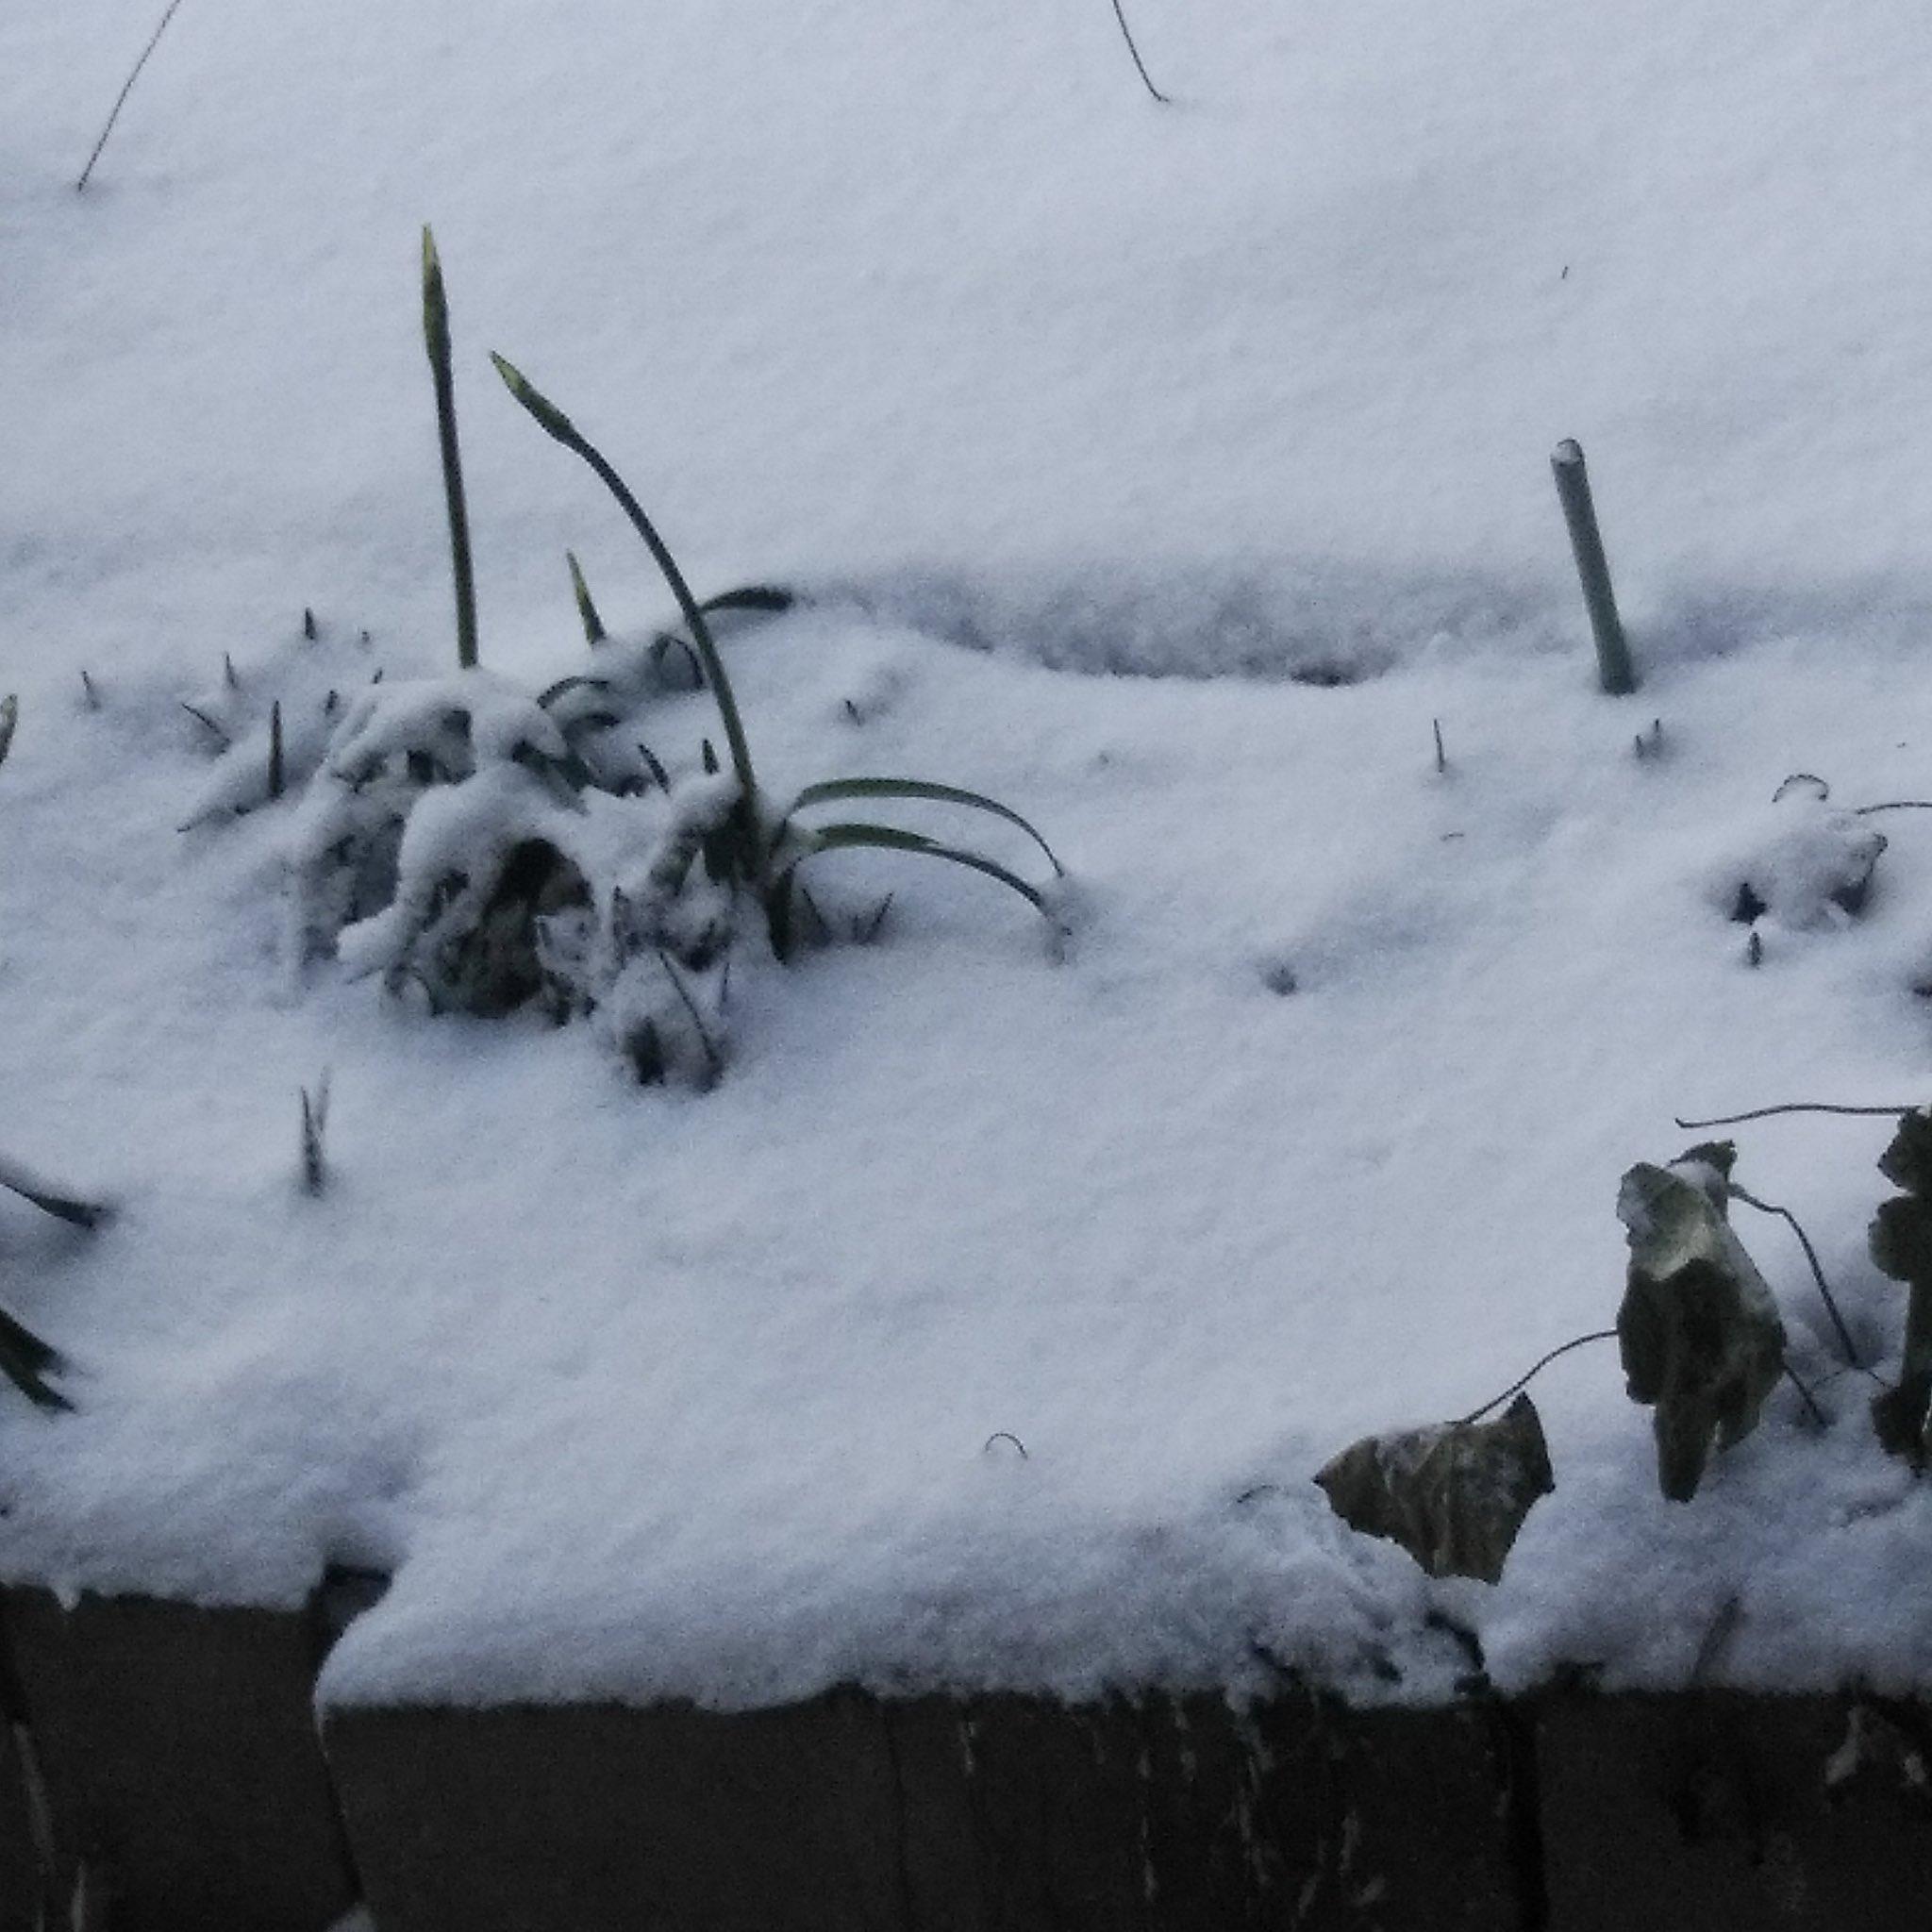 ない line 雪 降ら